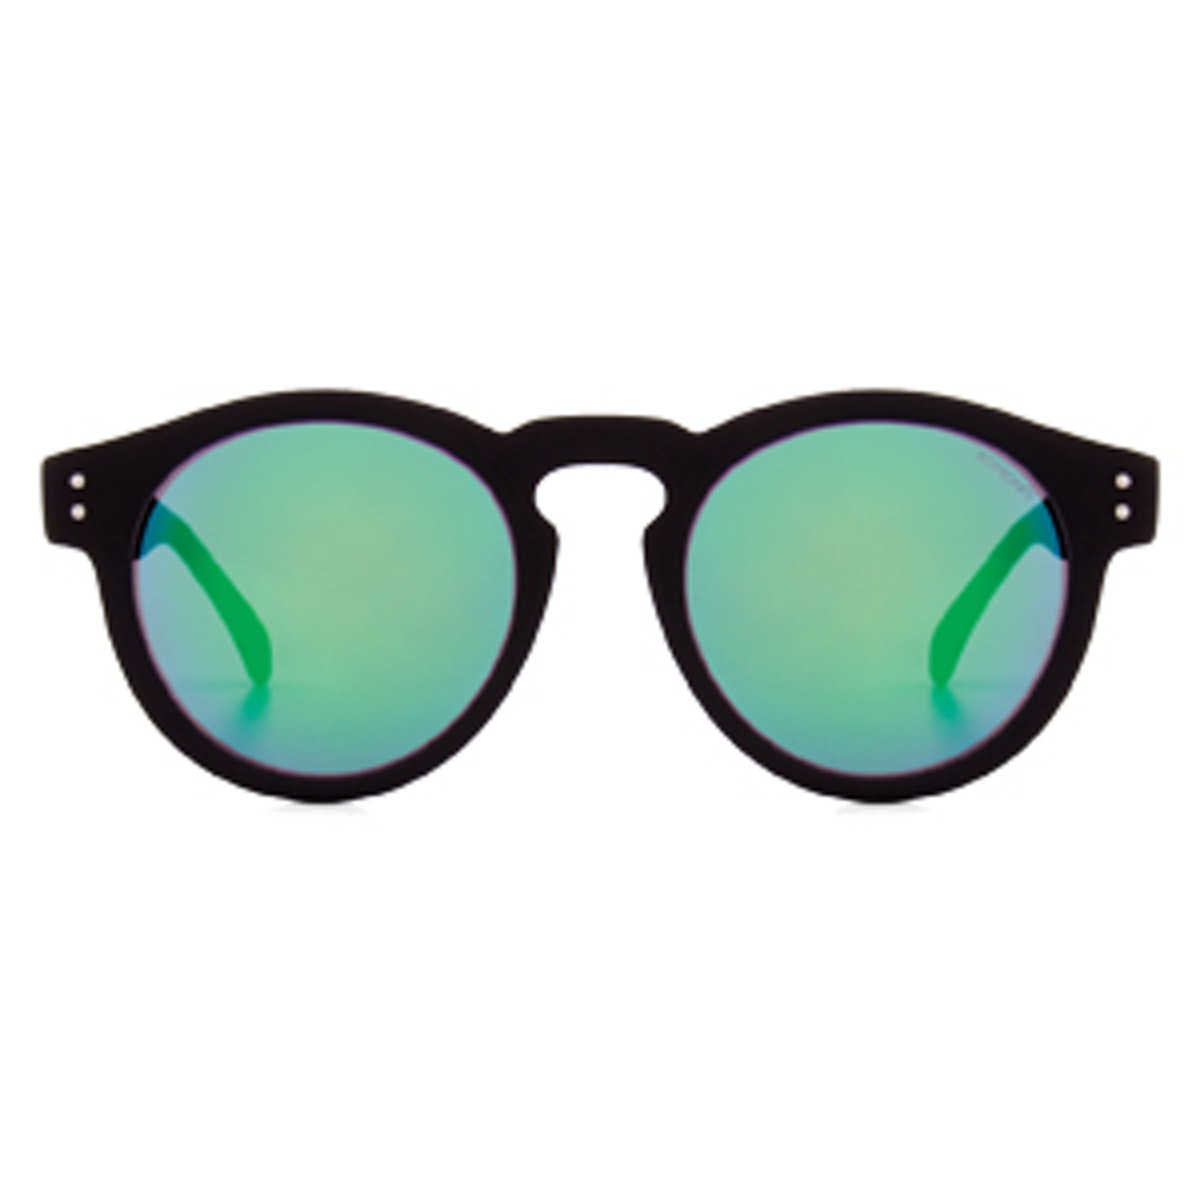 Clement Black Rubber Sunglasses